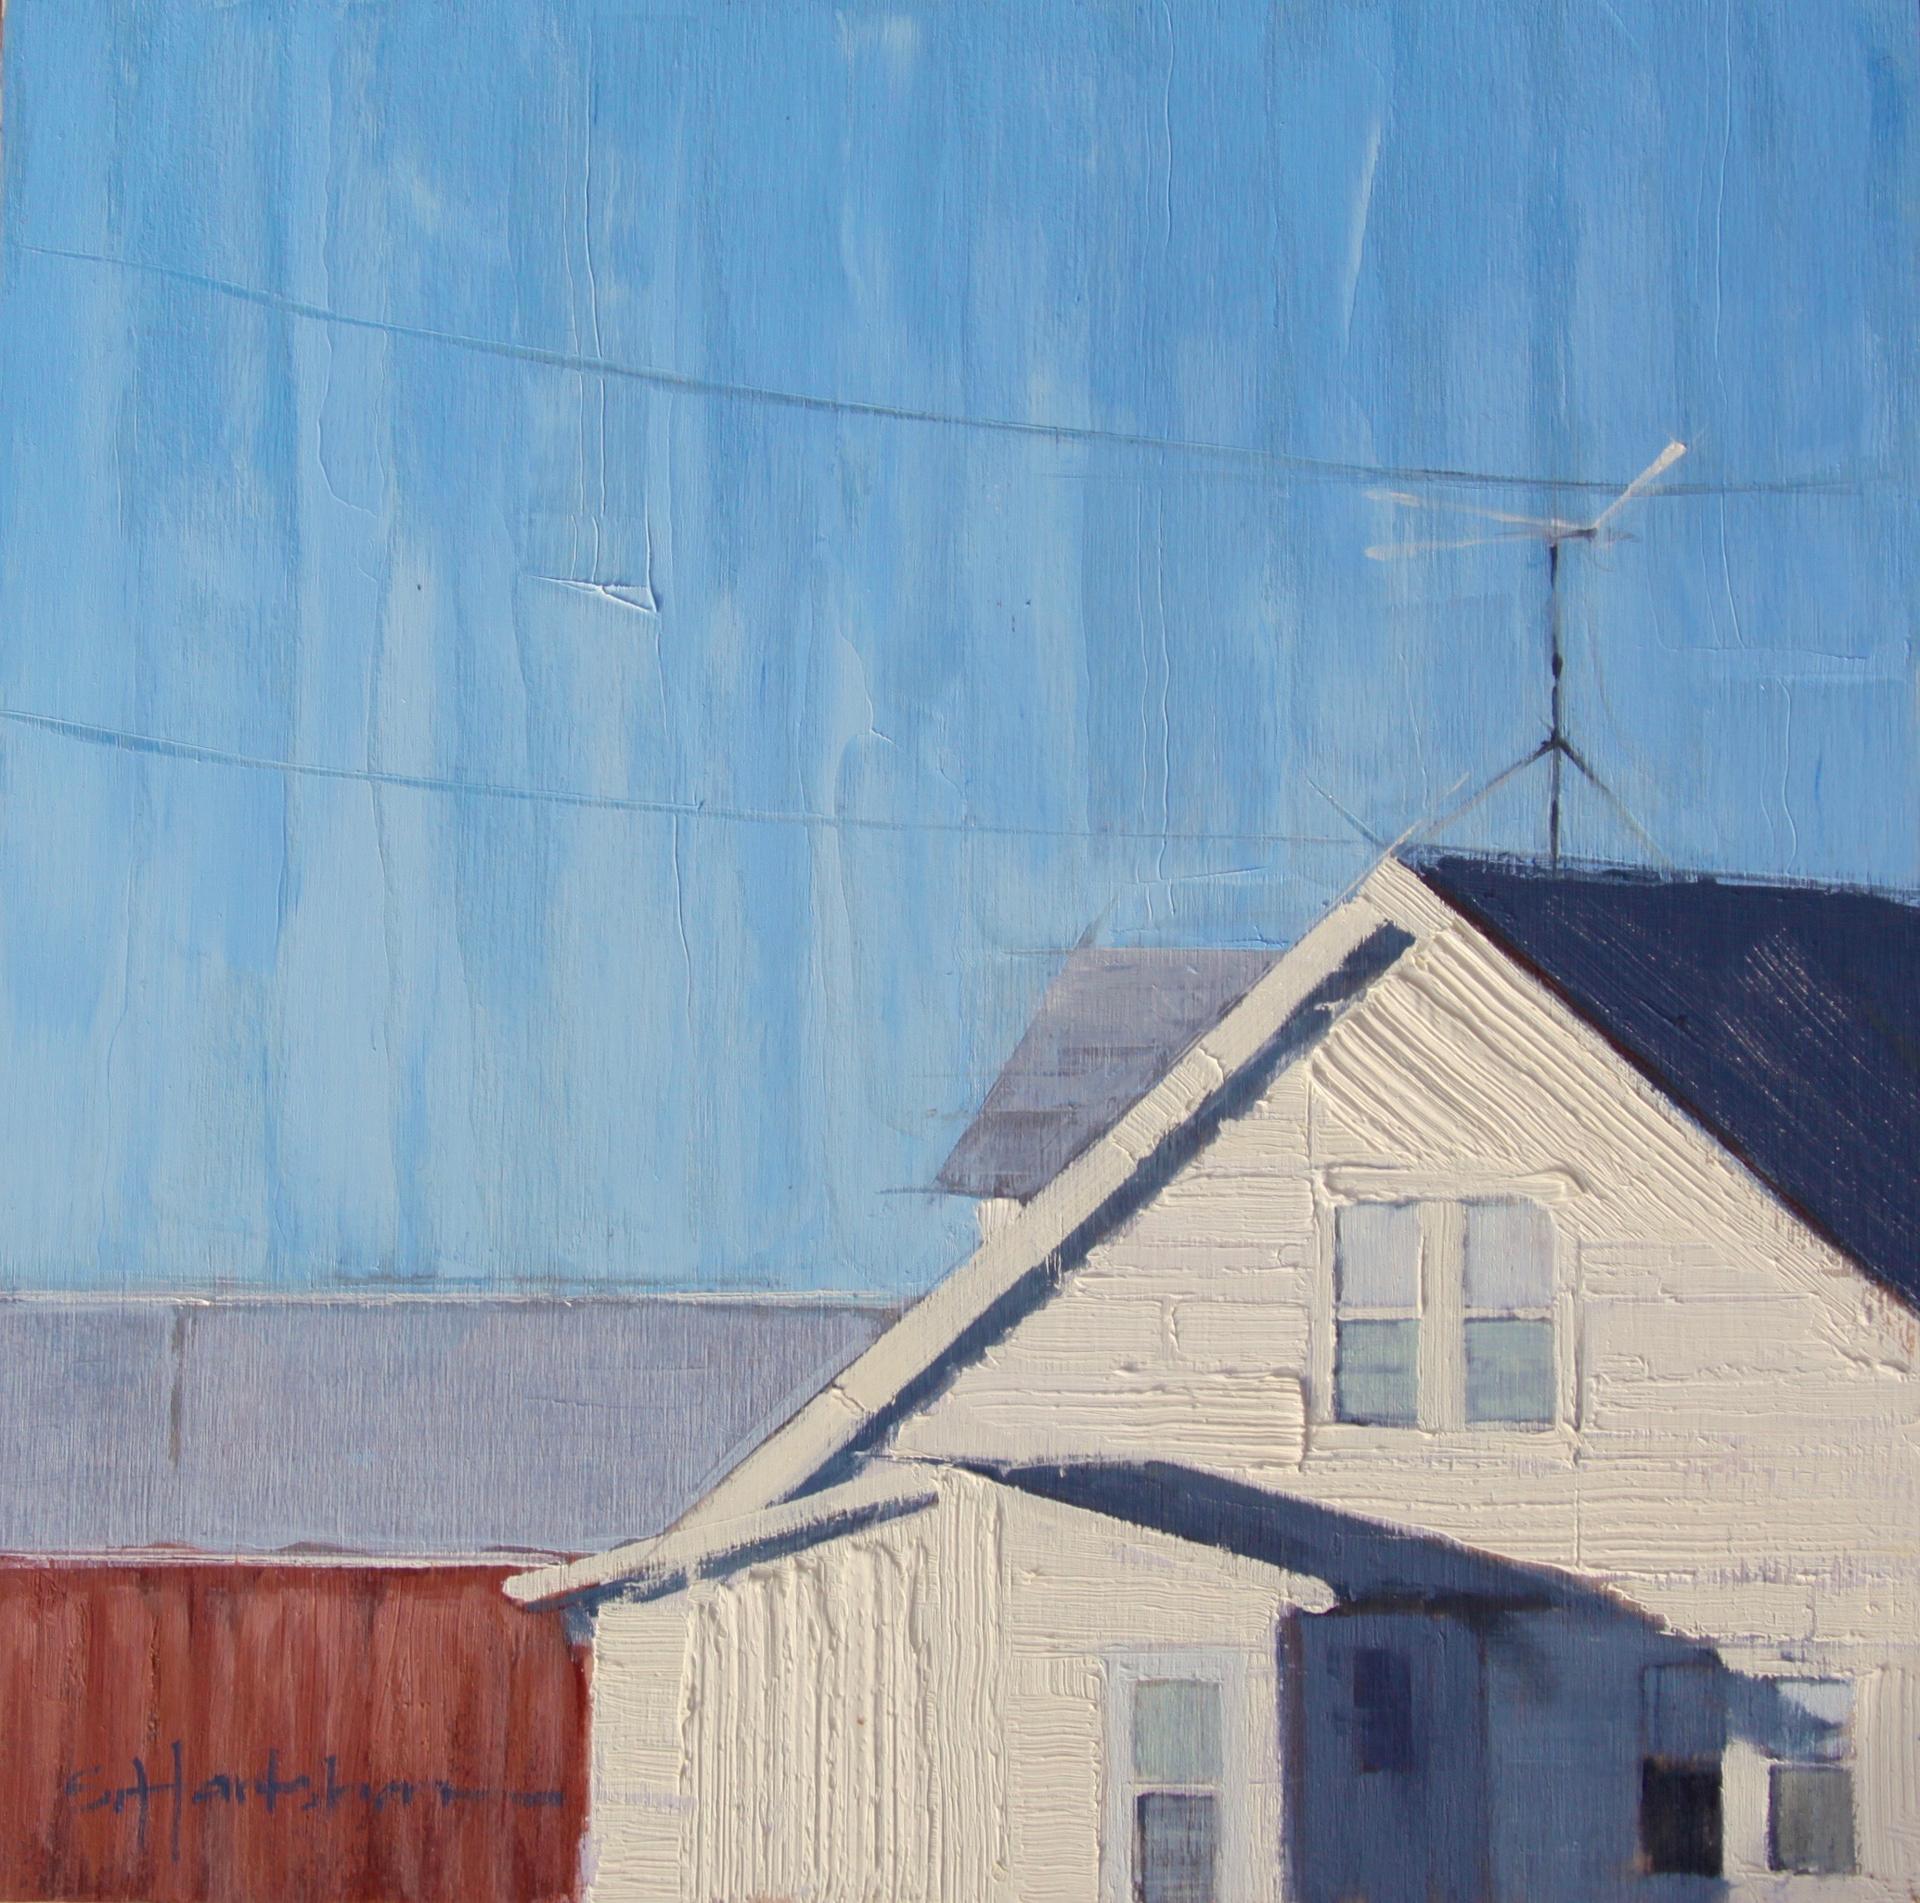 Rural Roofline by Stephanie Hartshorn